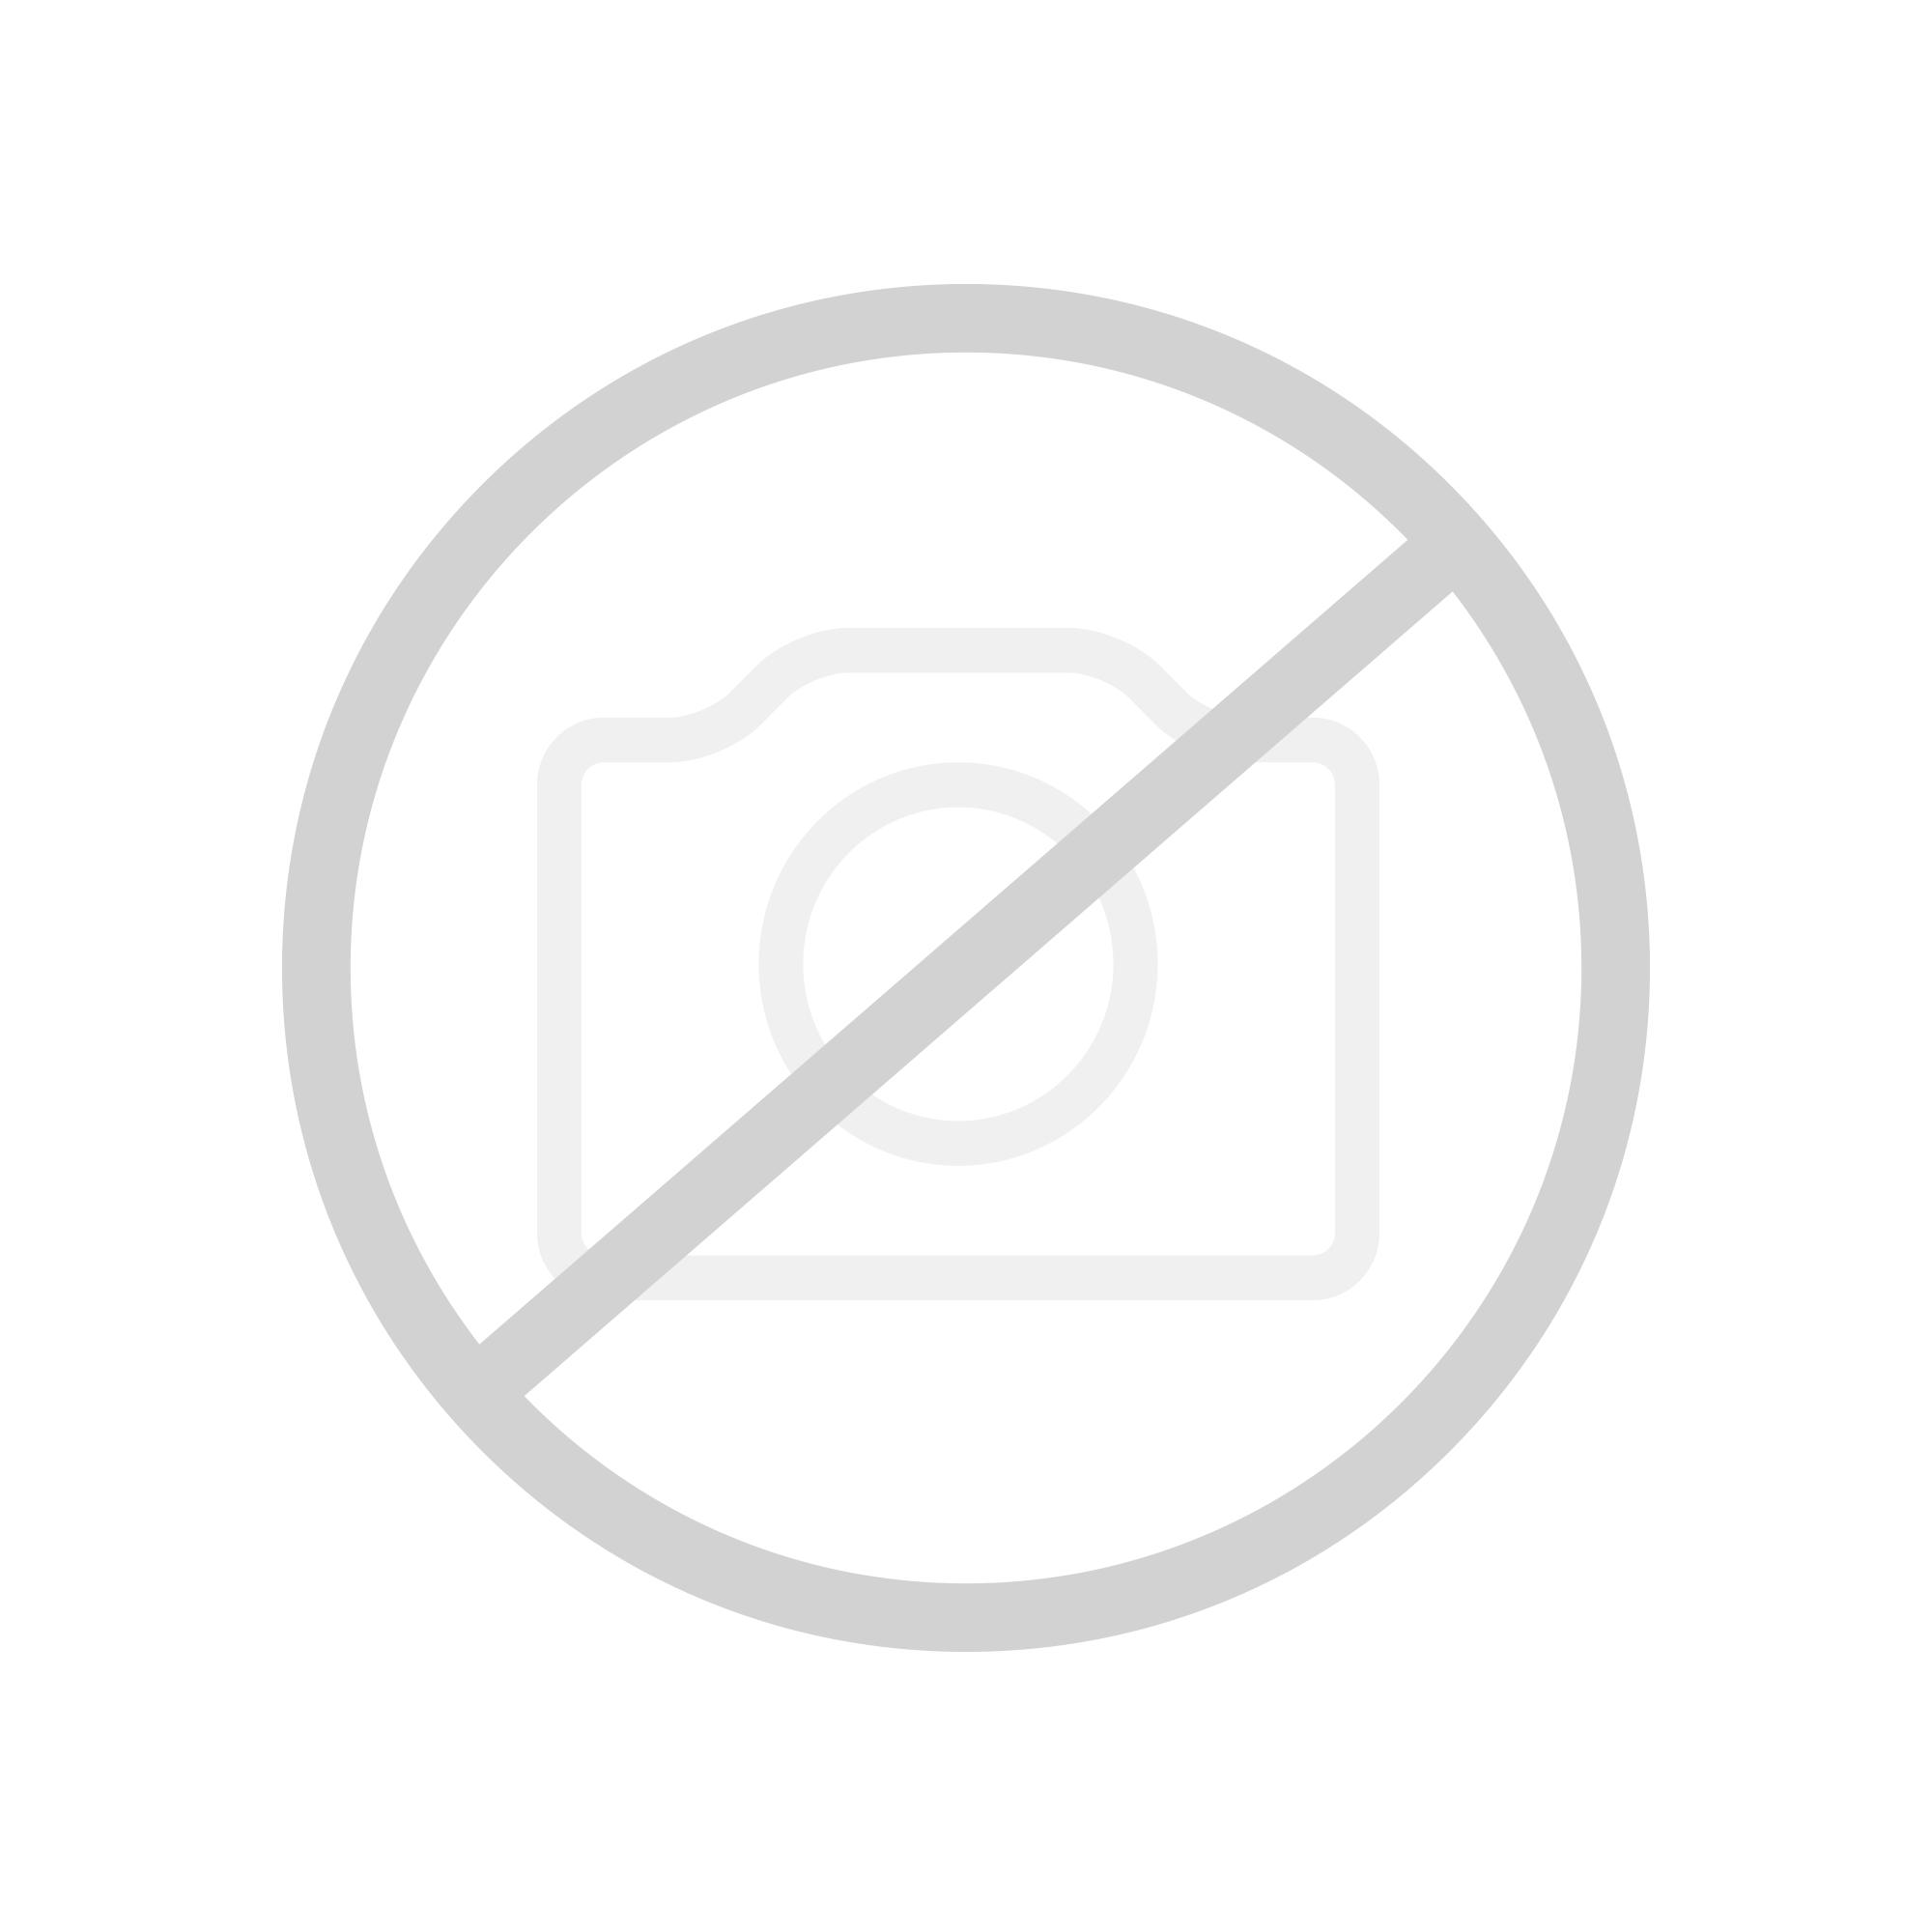 Geberit Duofix Wand-Bidet-Montageelement, H: 98 cm, für Einlocharmatur